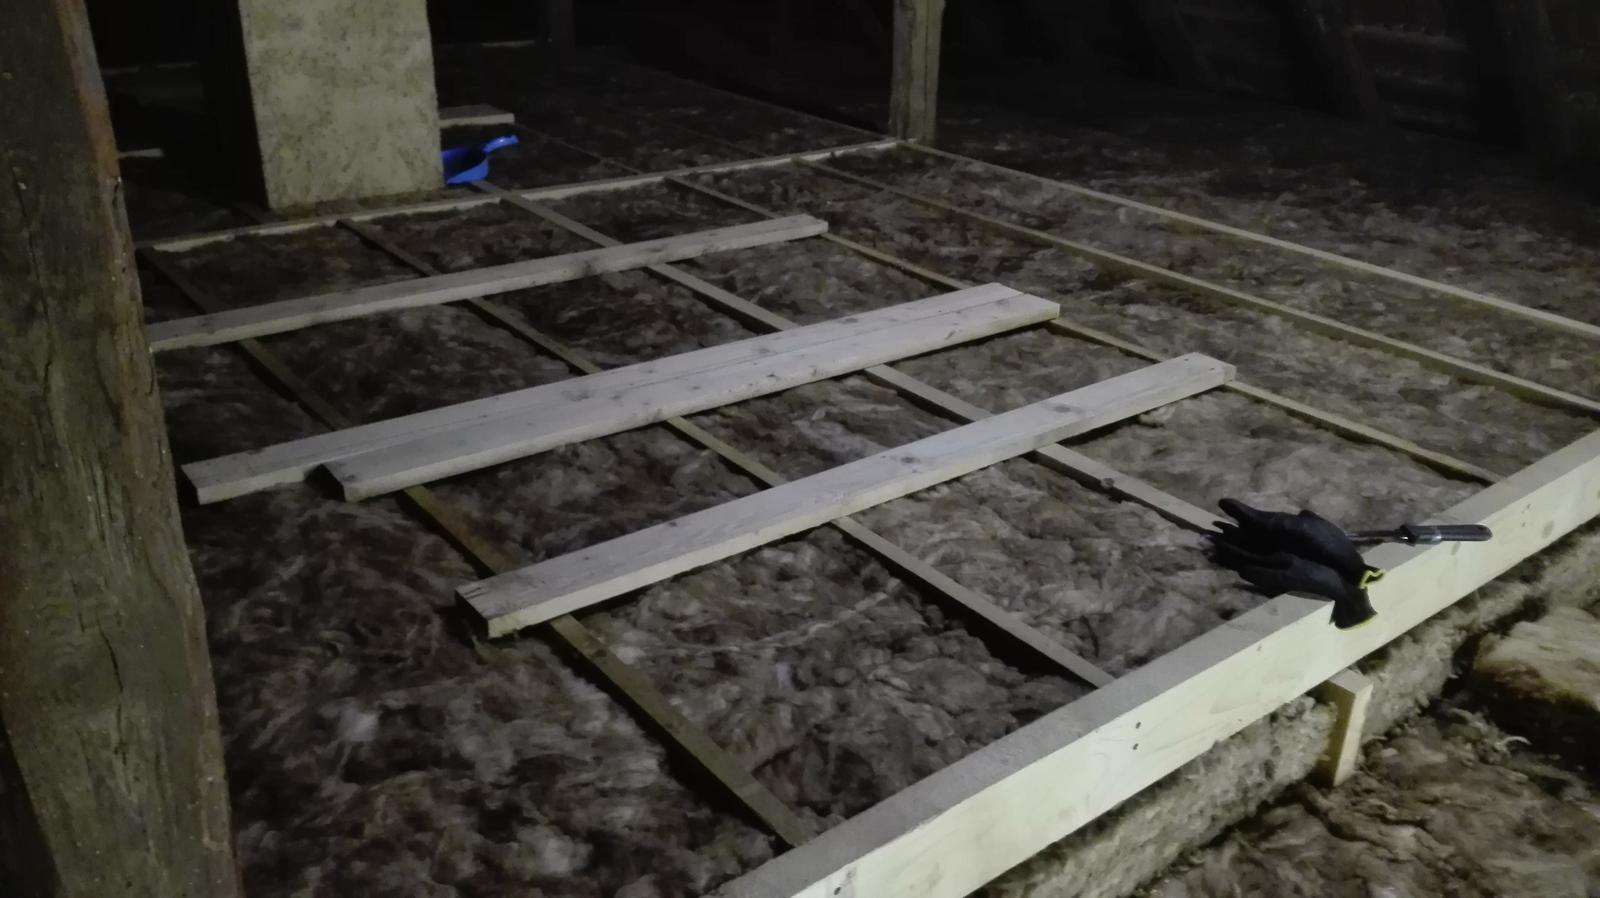 Zlepsenie tepelnoizolacnych vlastností tramoveho stropu - Obrázok č. 30